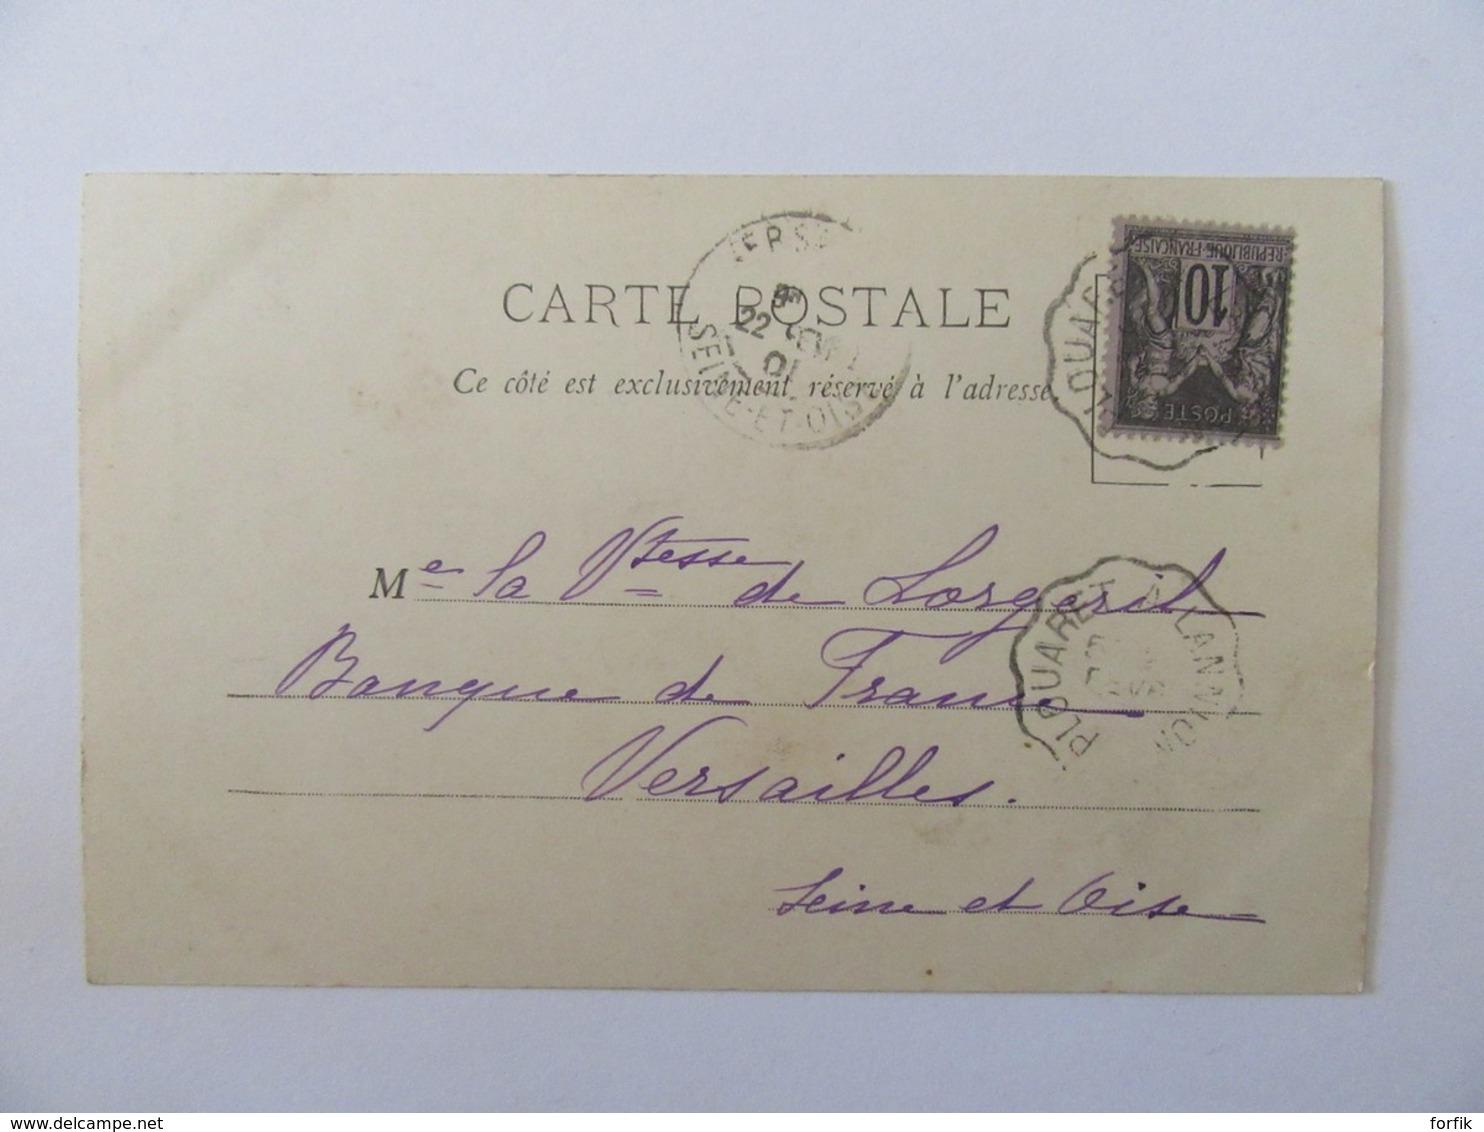 Artisanat - N°299 - Sabotière En Forêt - Carte Précurseur Animée, Circulée En 1901 - Artisanat